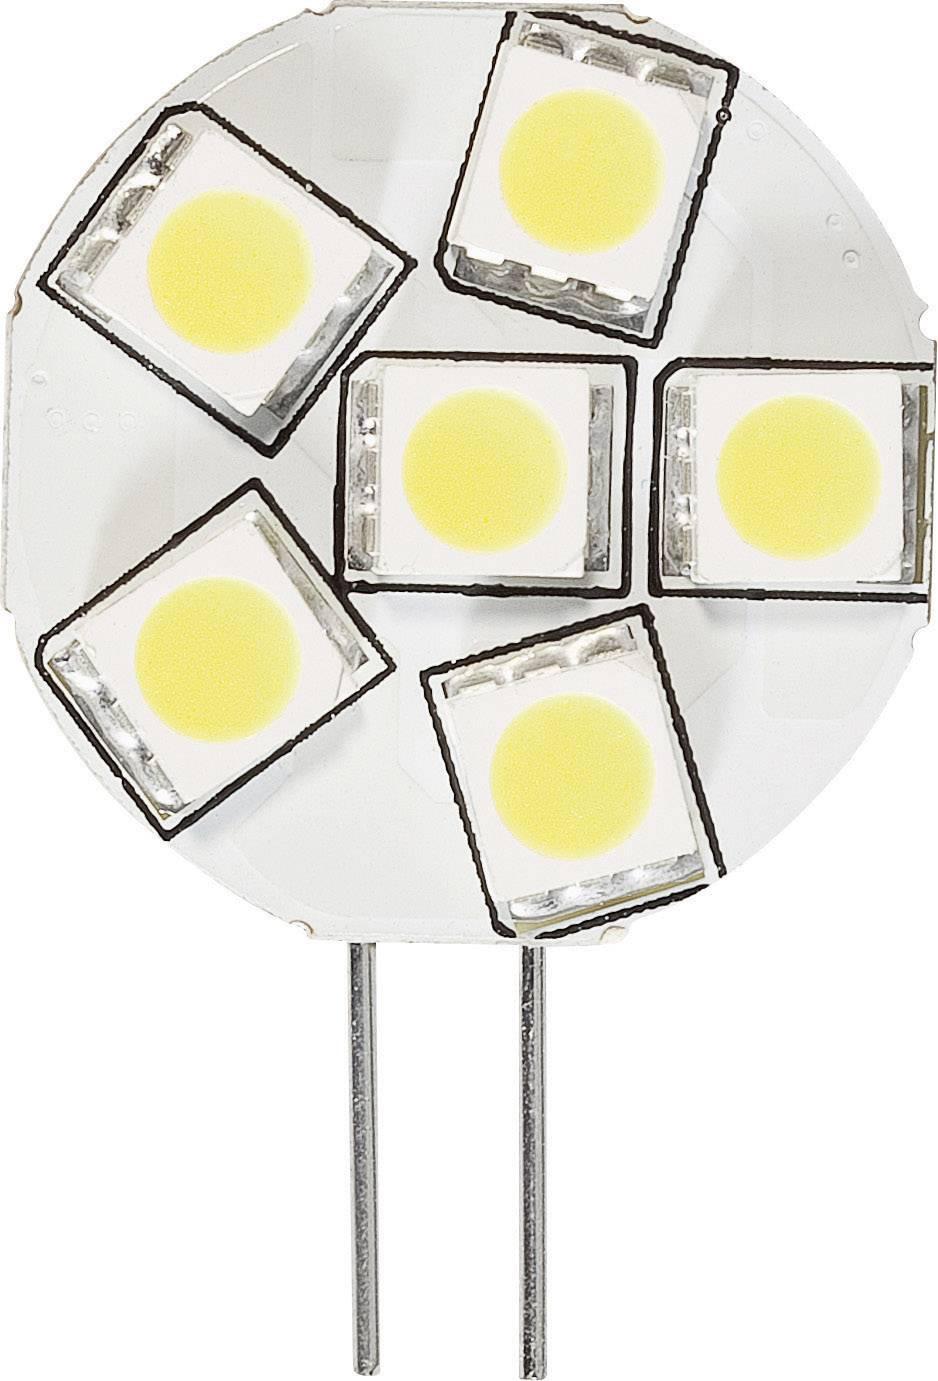 LED žiarovka DioDor DIO-LED6MG4L 30 V, 1.3 W = 20 W, teplá biela, A+, stmievateľná, 1 ks